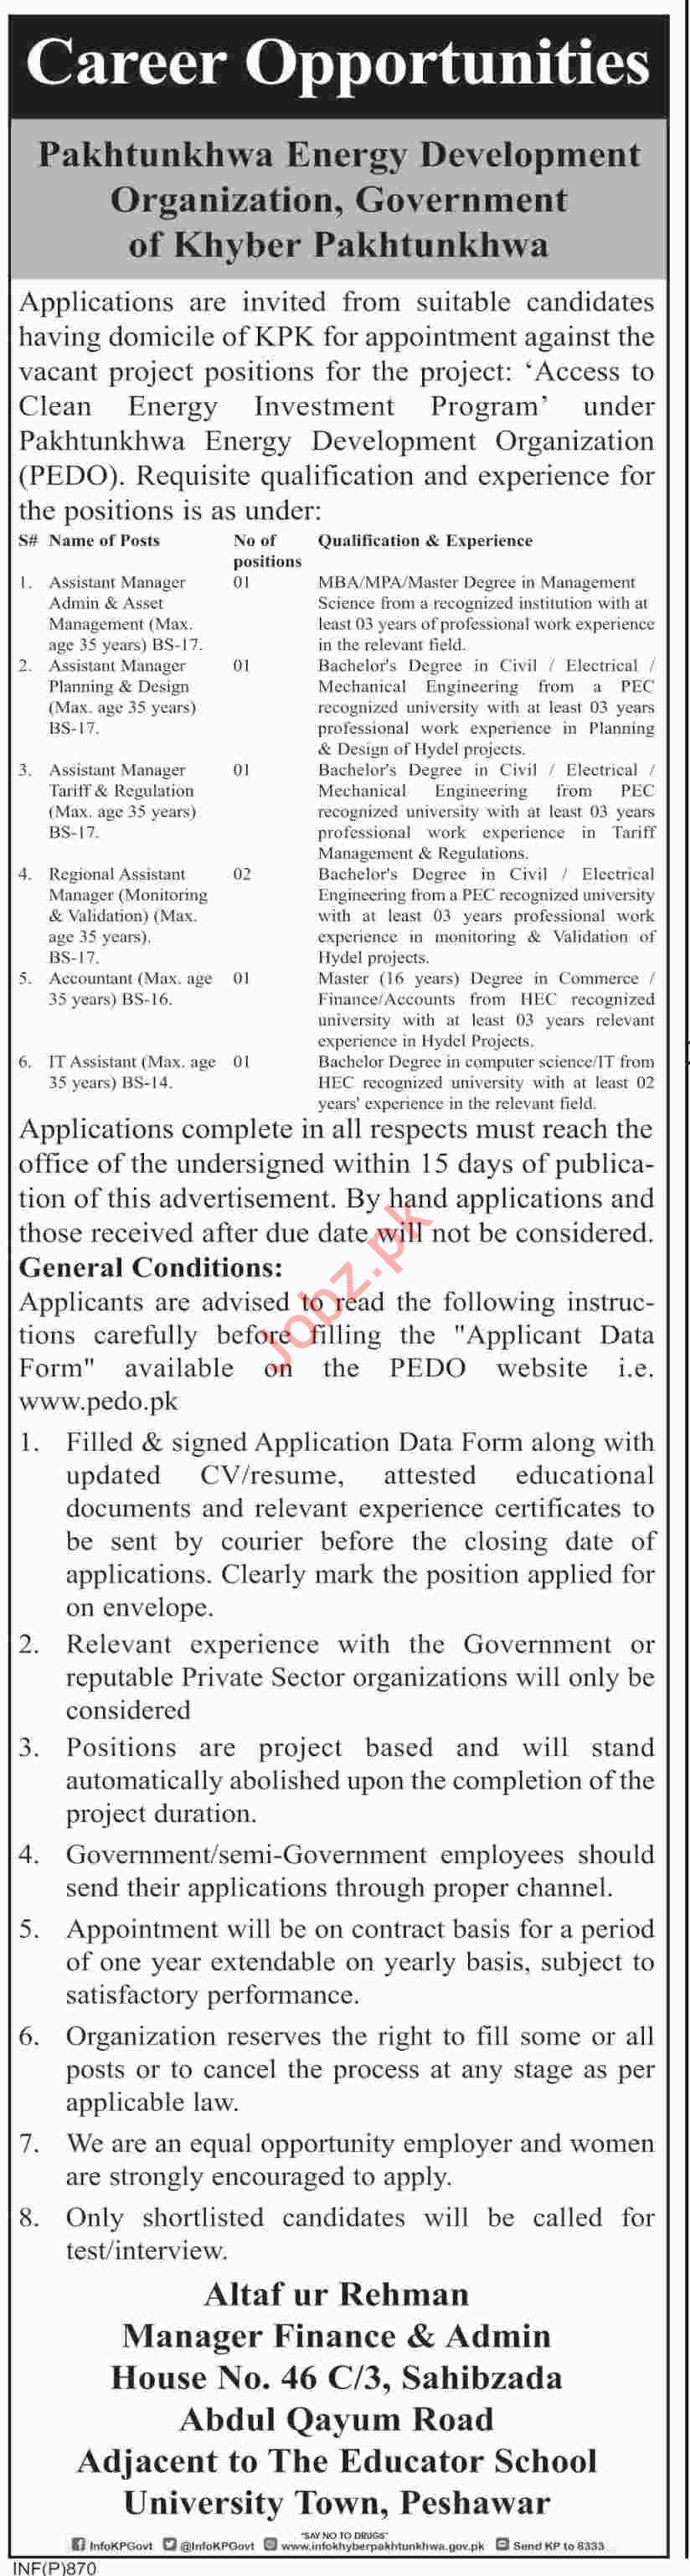 Pakhtunkhwa Energy Development Organization PEDO Jobs 2019